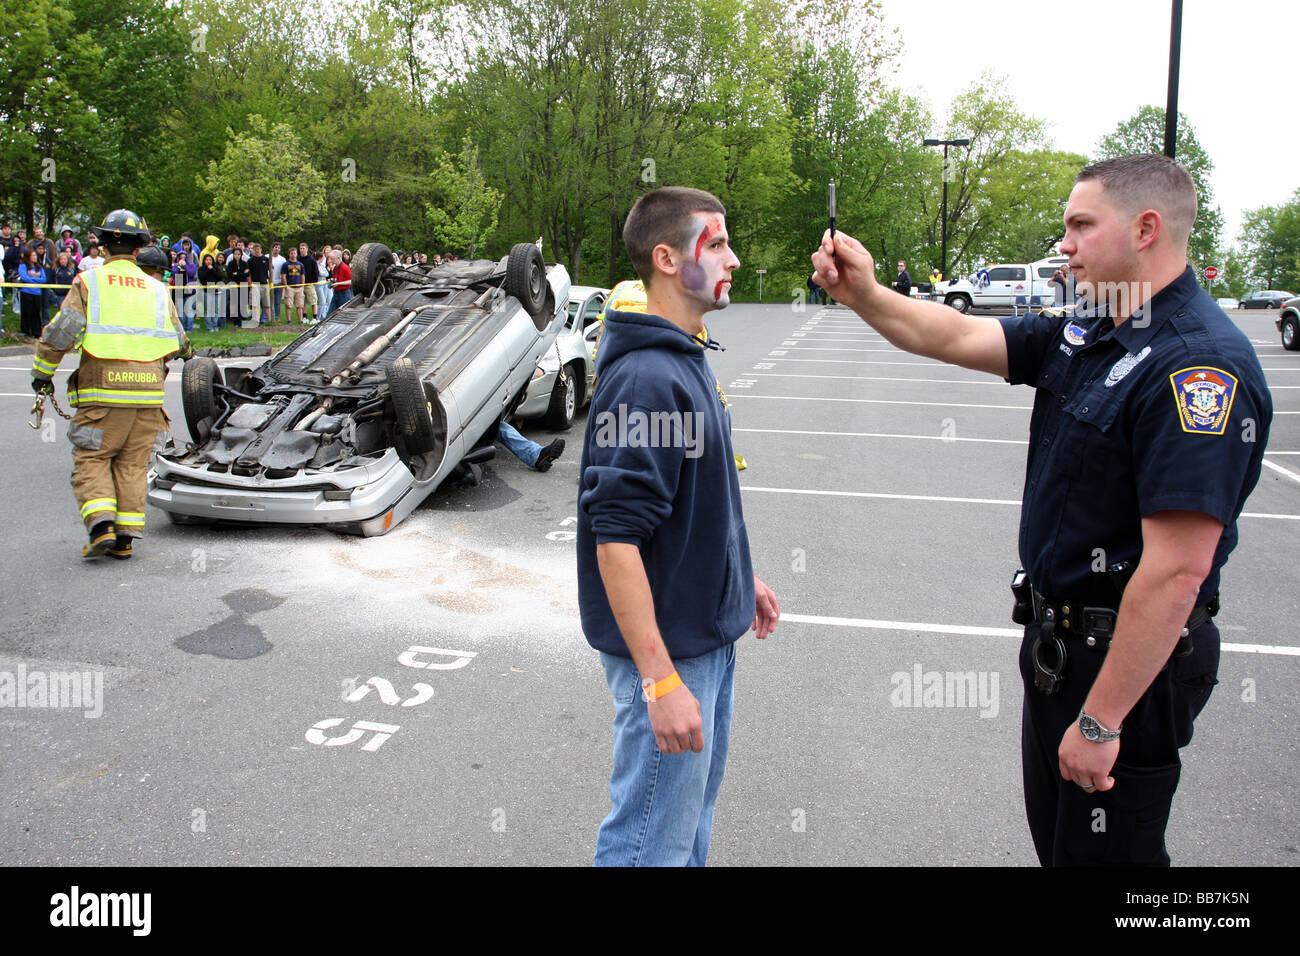 Un agent de police donne un adolescent un DUI test pendant une simulation d'alcool au volant accident à un USA High School Banque D'Images